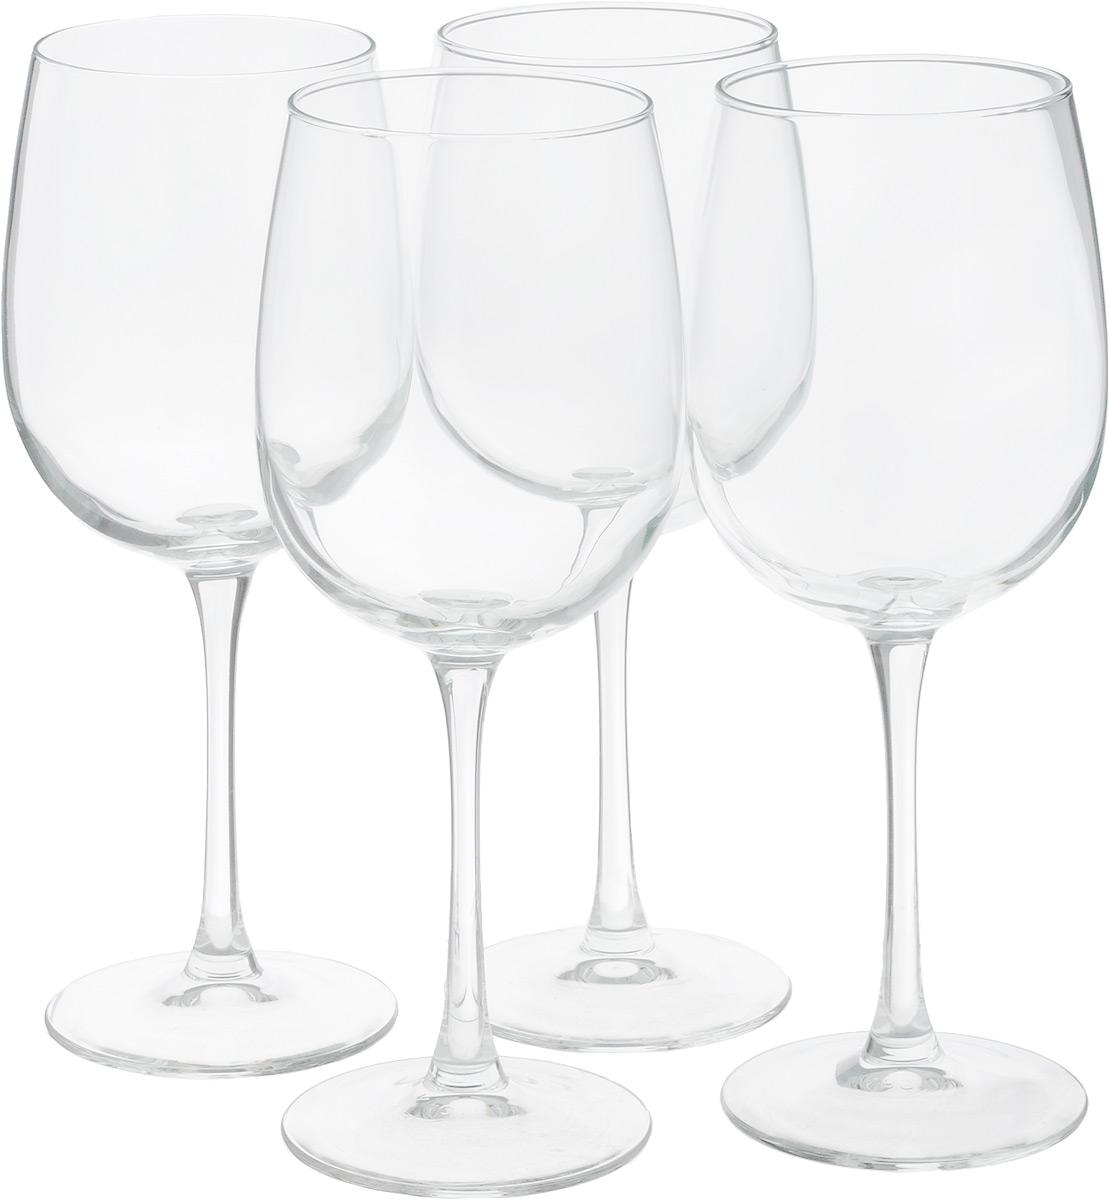 Набор фужеров для вина Luminarc Allegresse, 550 мл, 4 шт набор бокалов для коктейлей luminarc домино 140 мл 4 шт